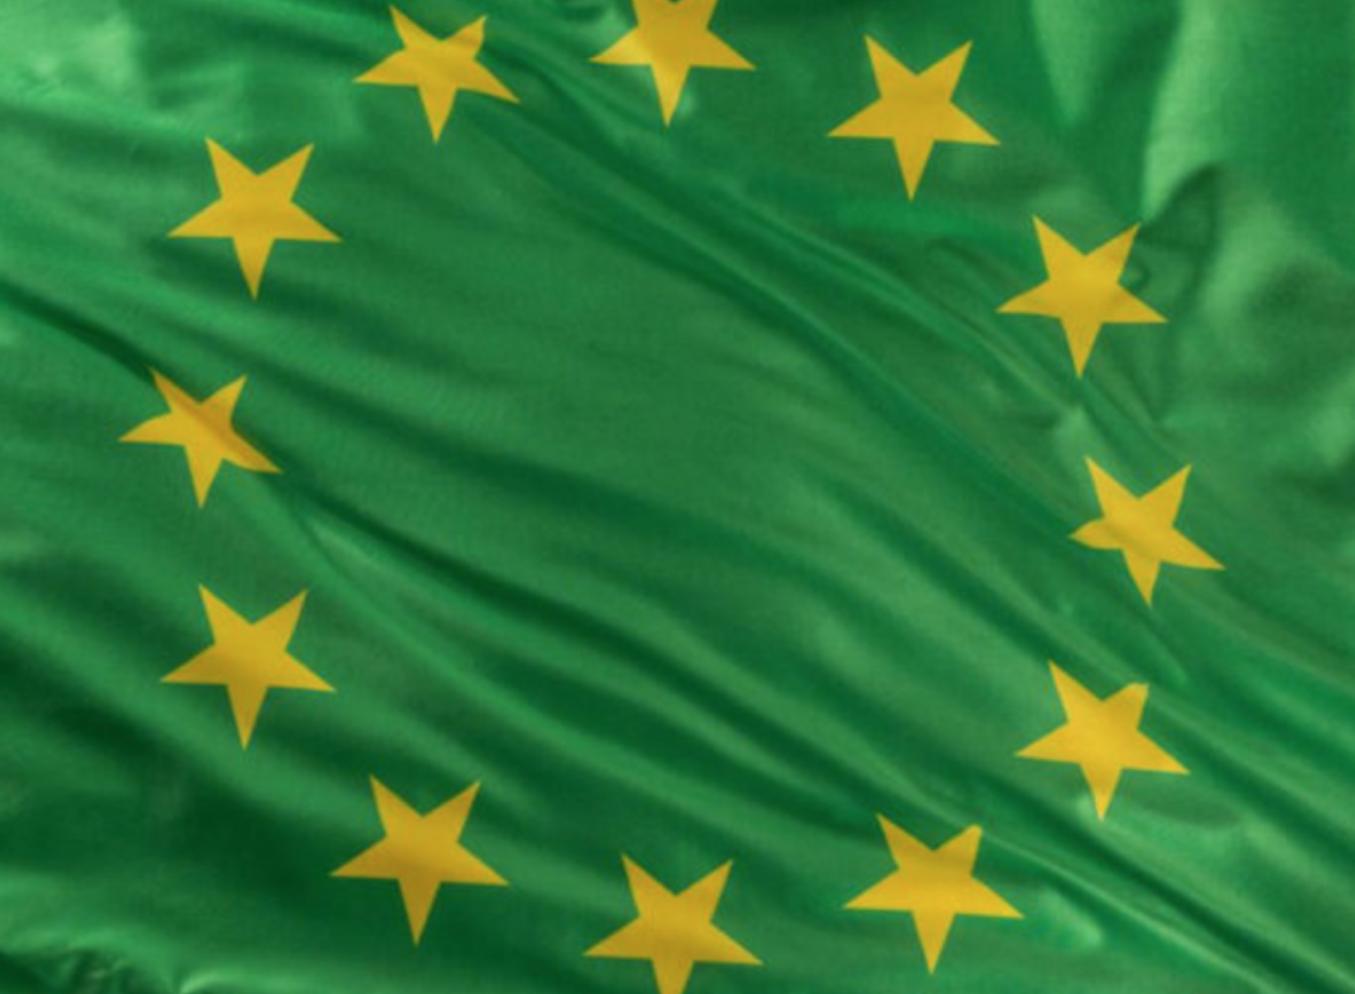 Europäische Jugendgarantie meets European Green Deal